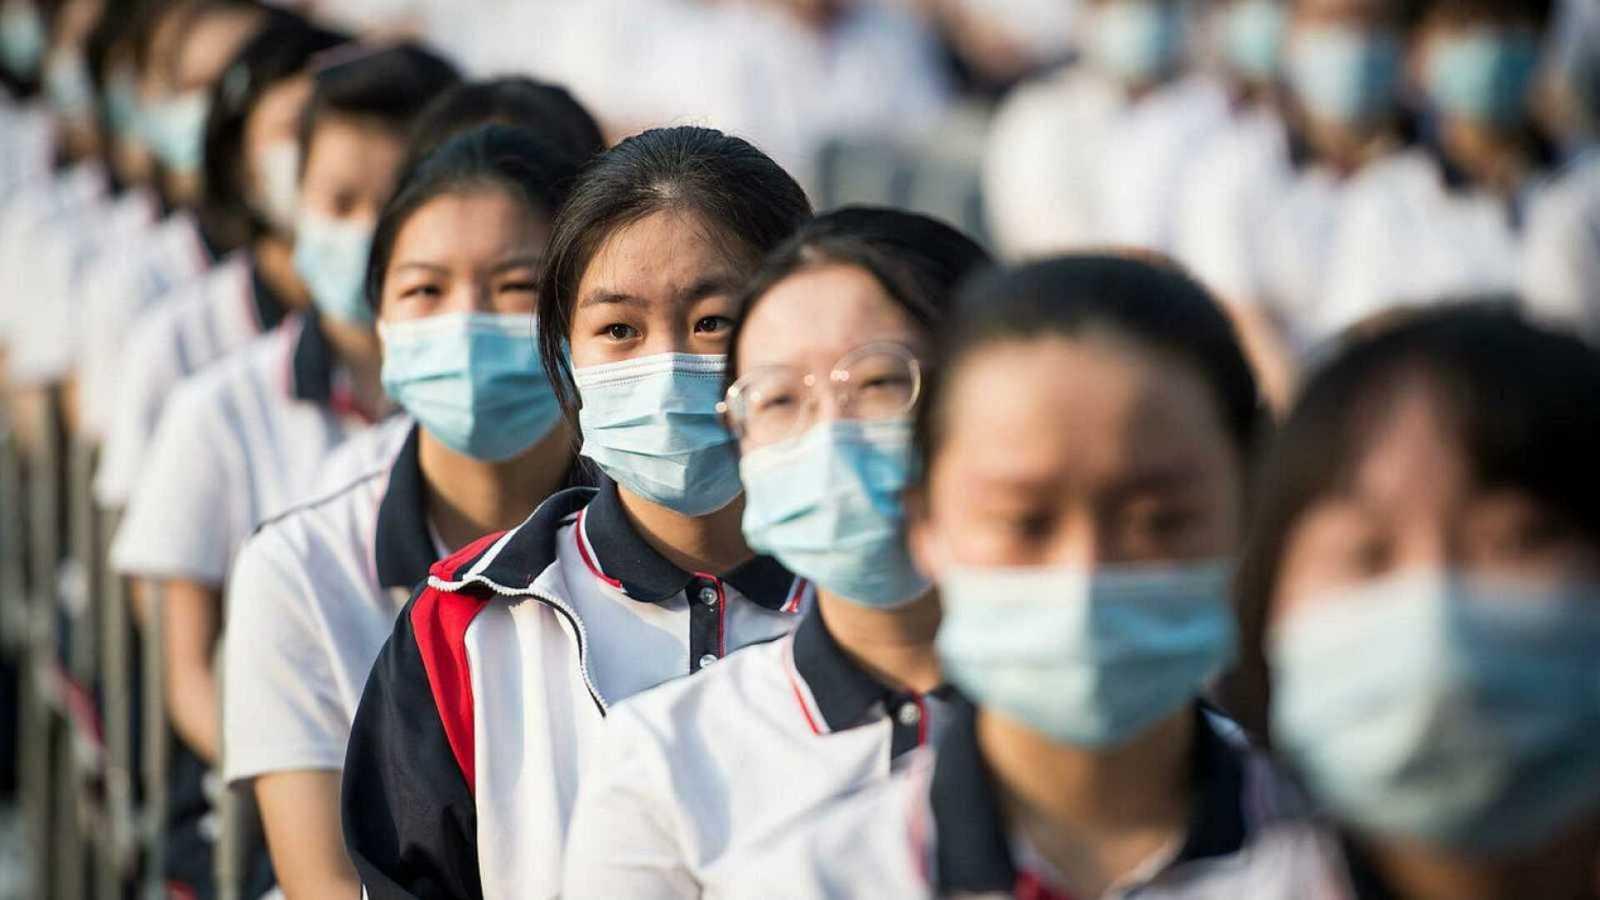 Las diferencia entre la gestión de la pandemia china y europea